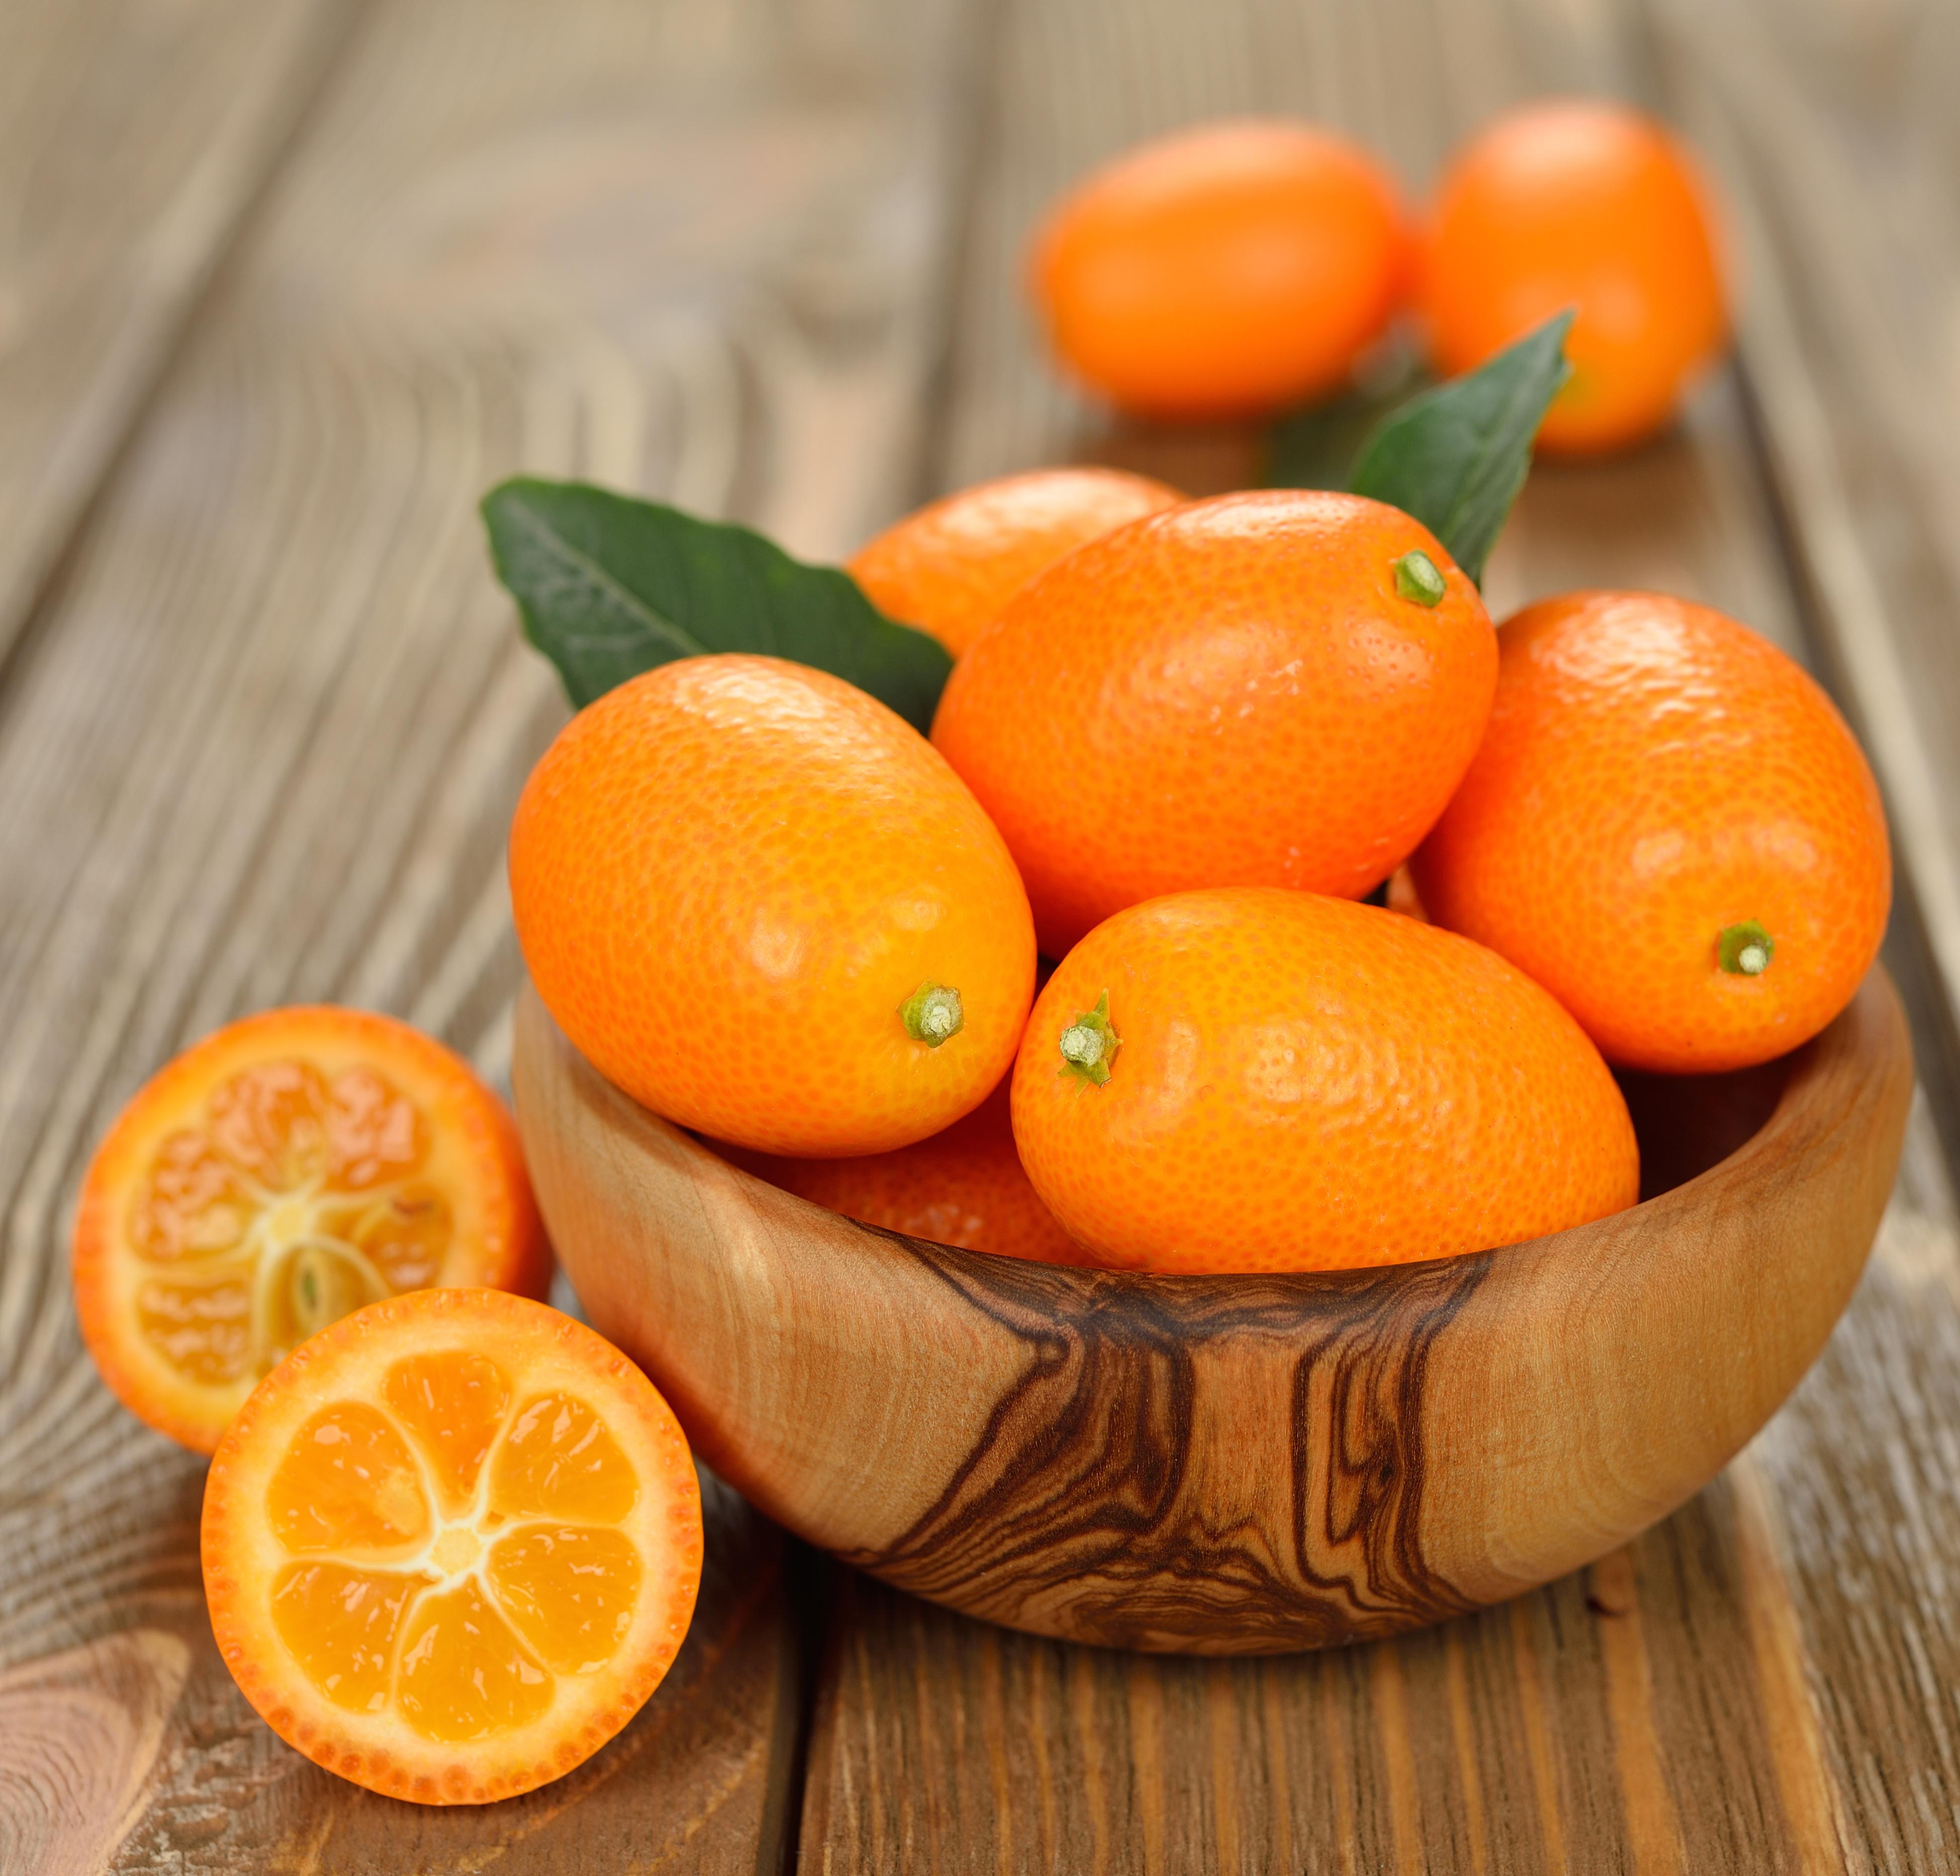 Kumquat/Fortunella